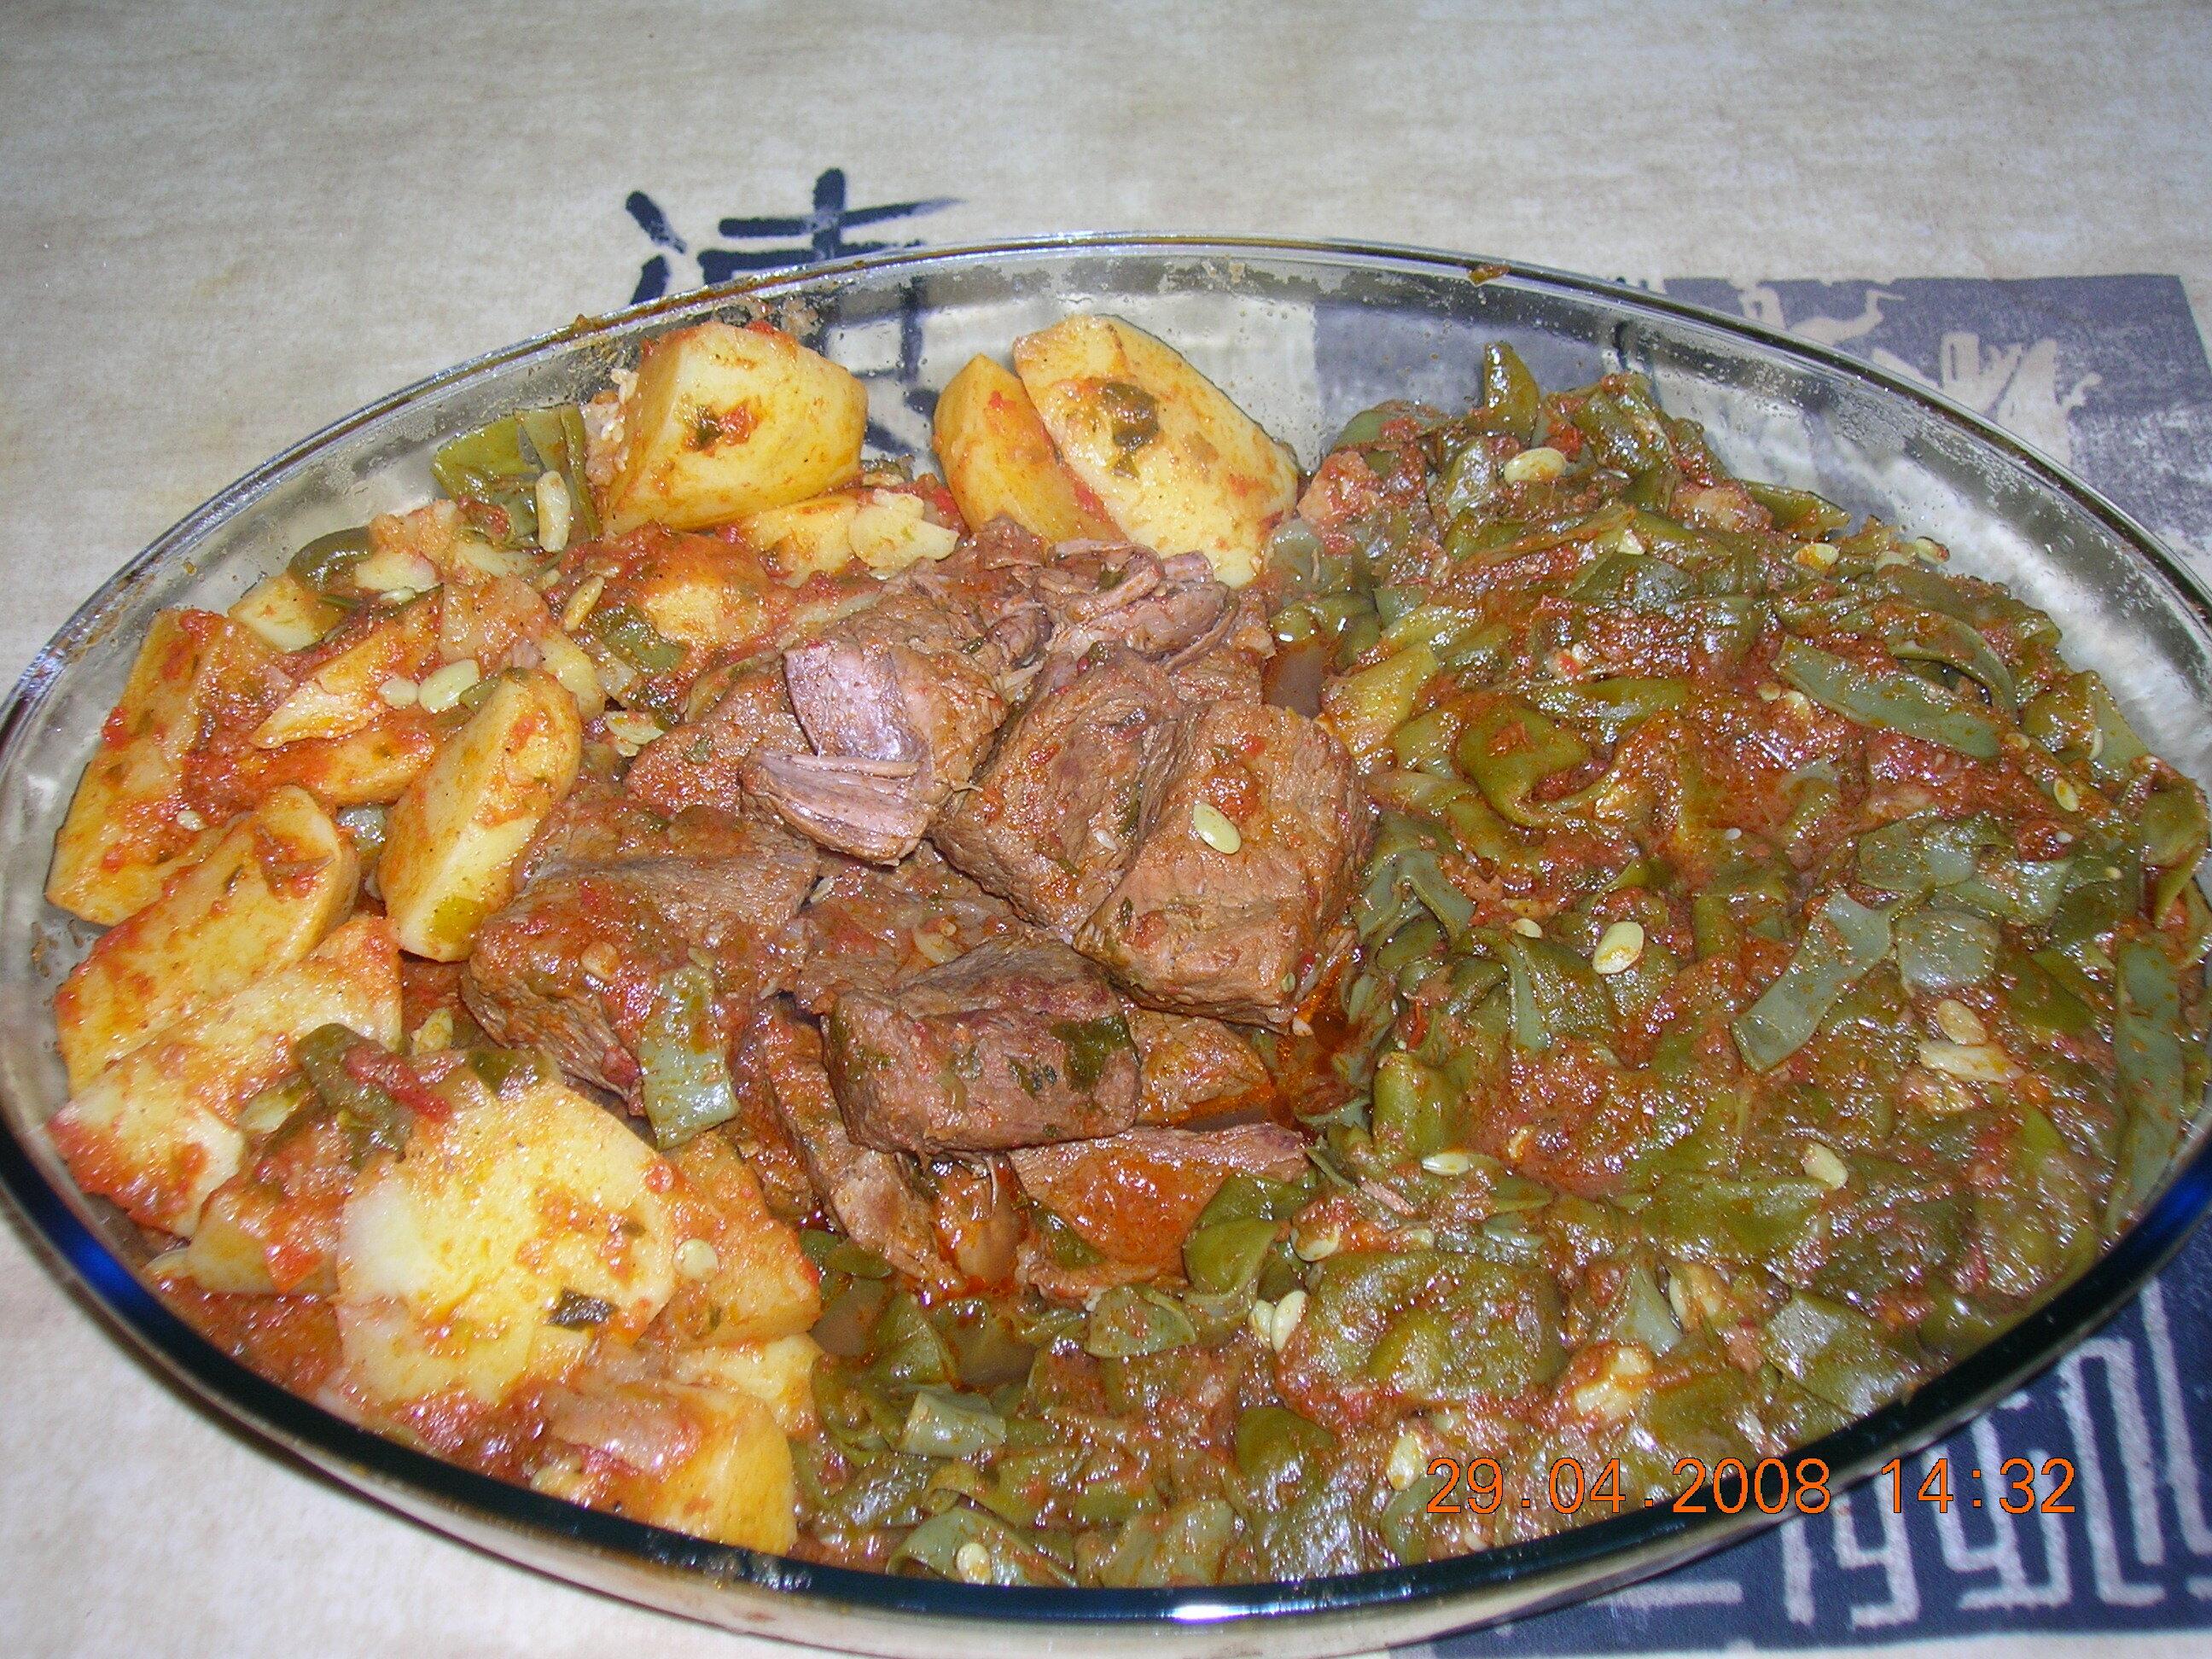 traditionell köttgryta